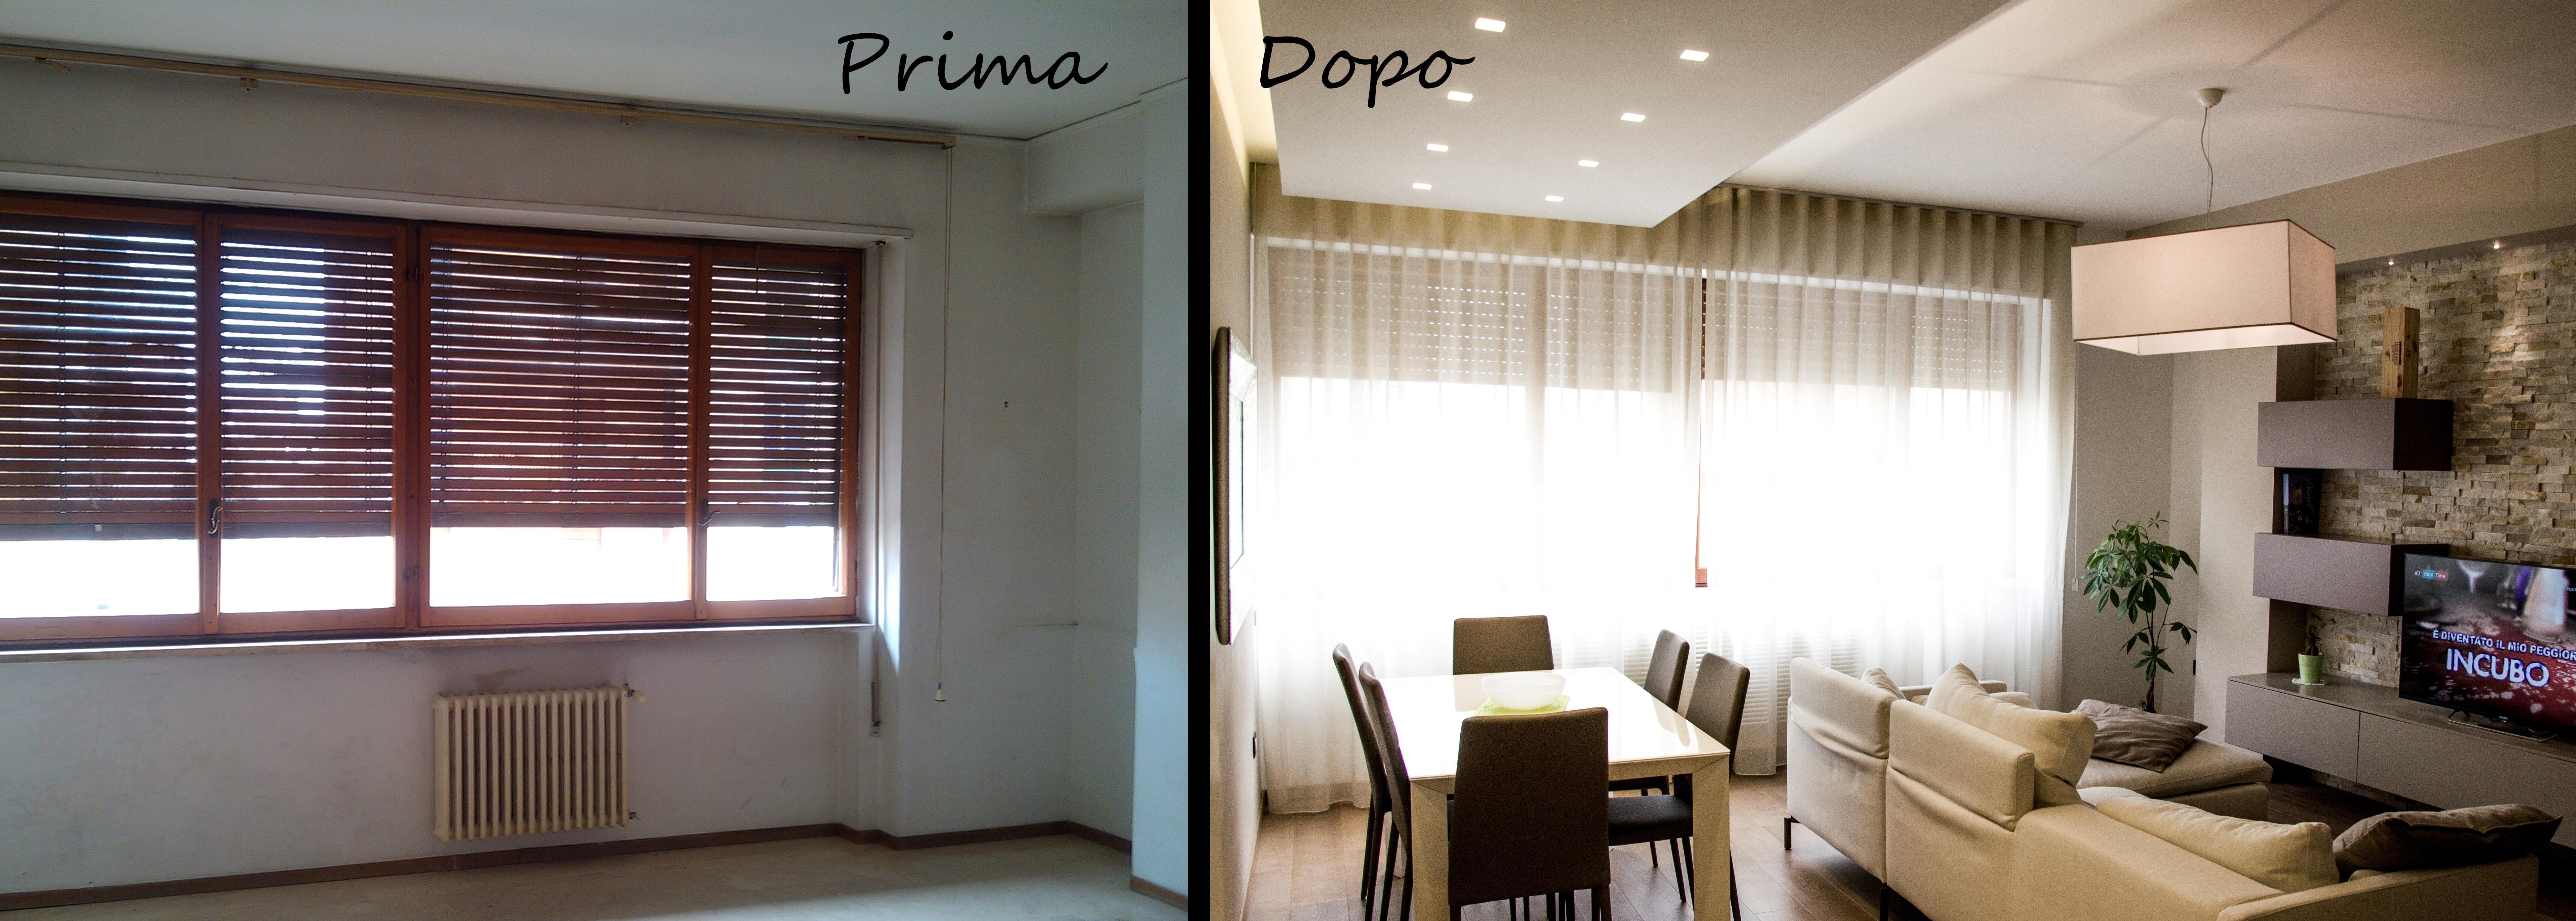 Ristrutturare Appartamento 35 Mq scopri come ristrutturare casa con 262 € al mq - studio arch+d